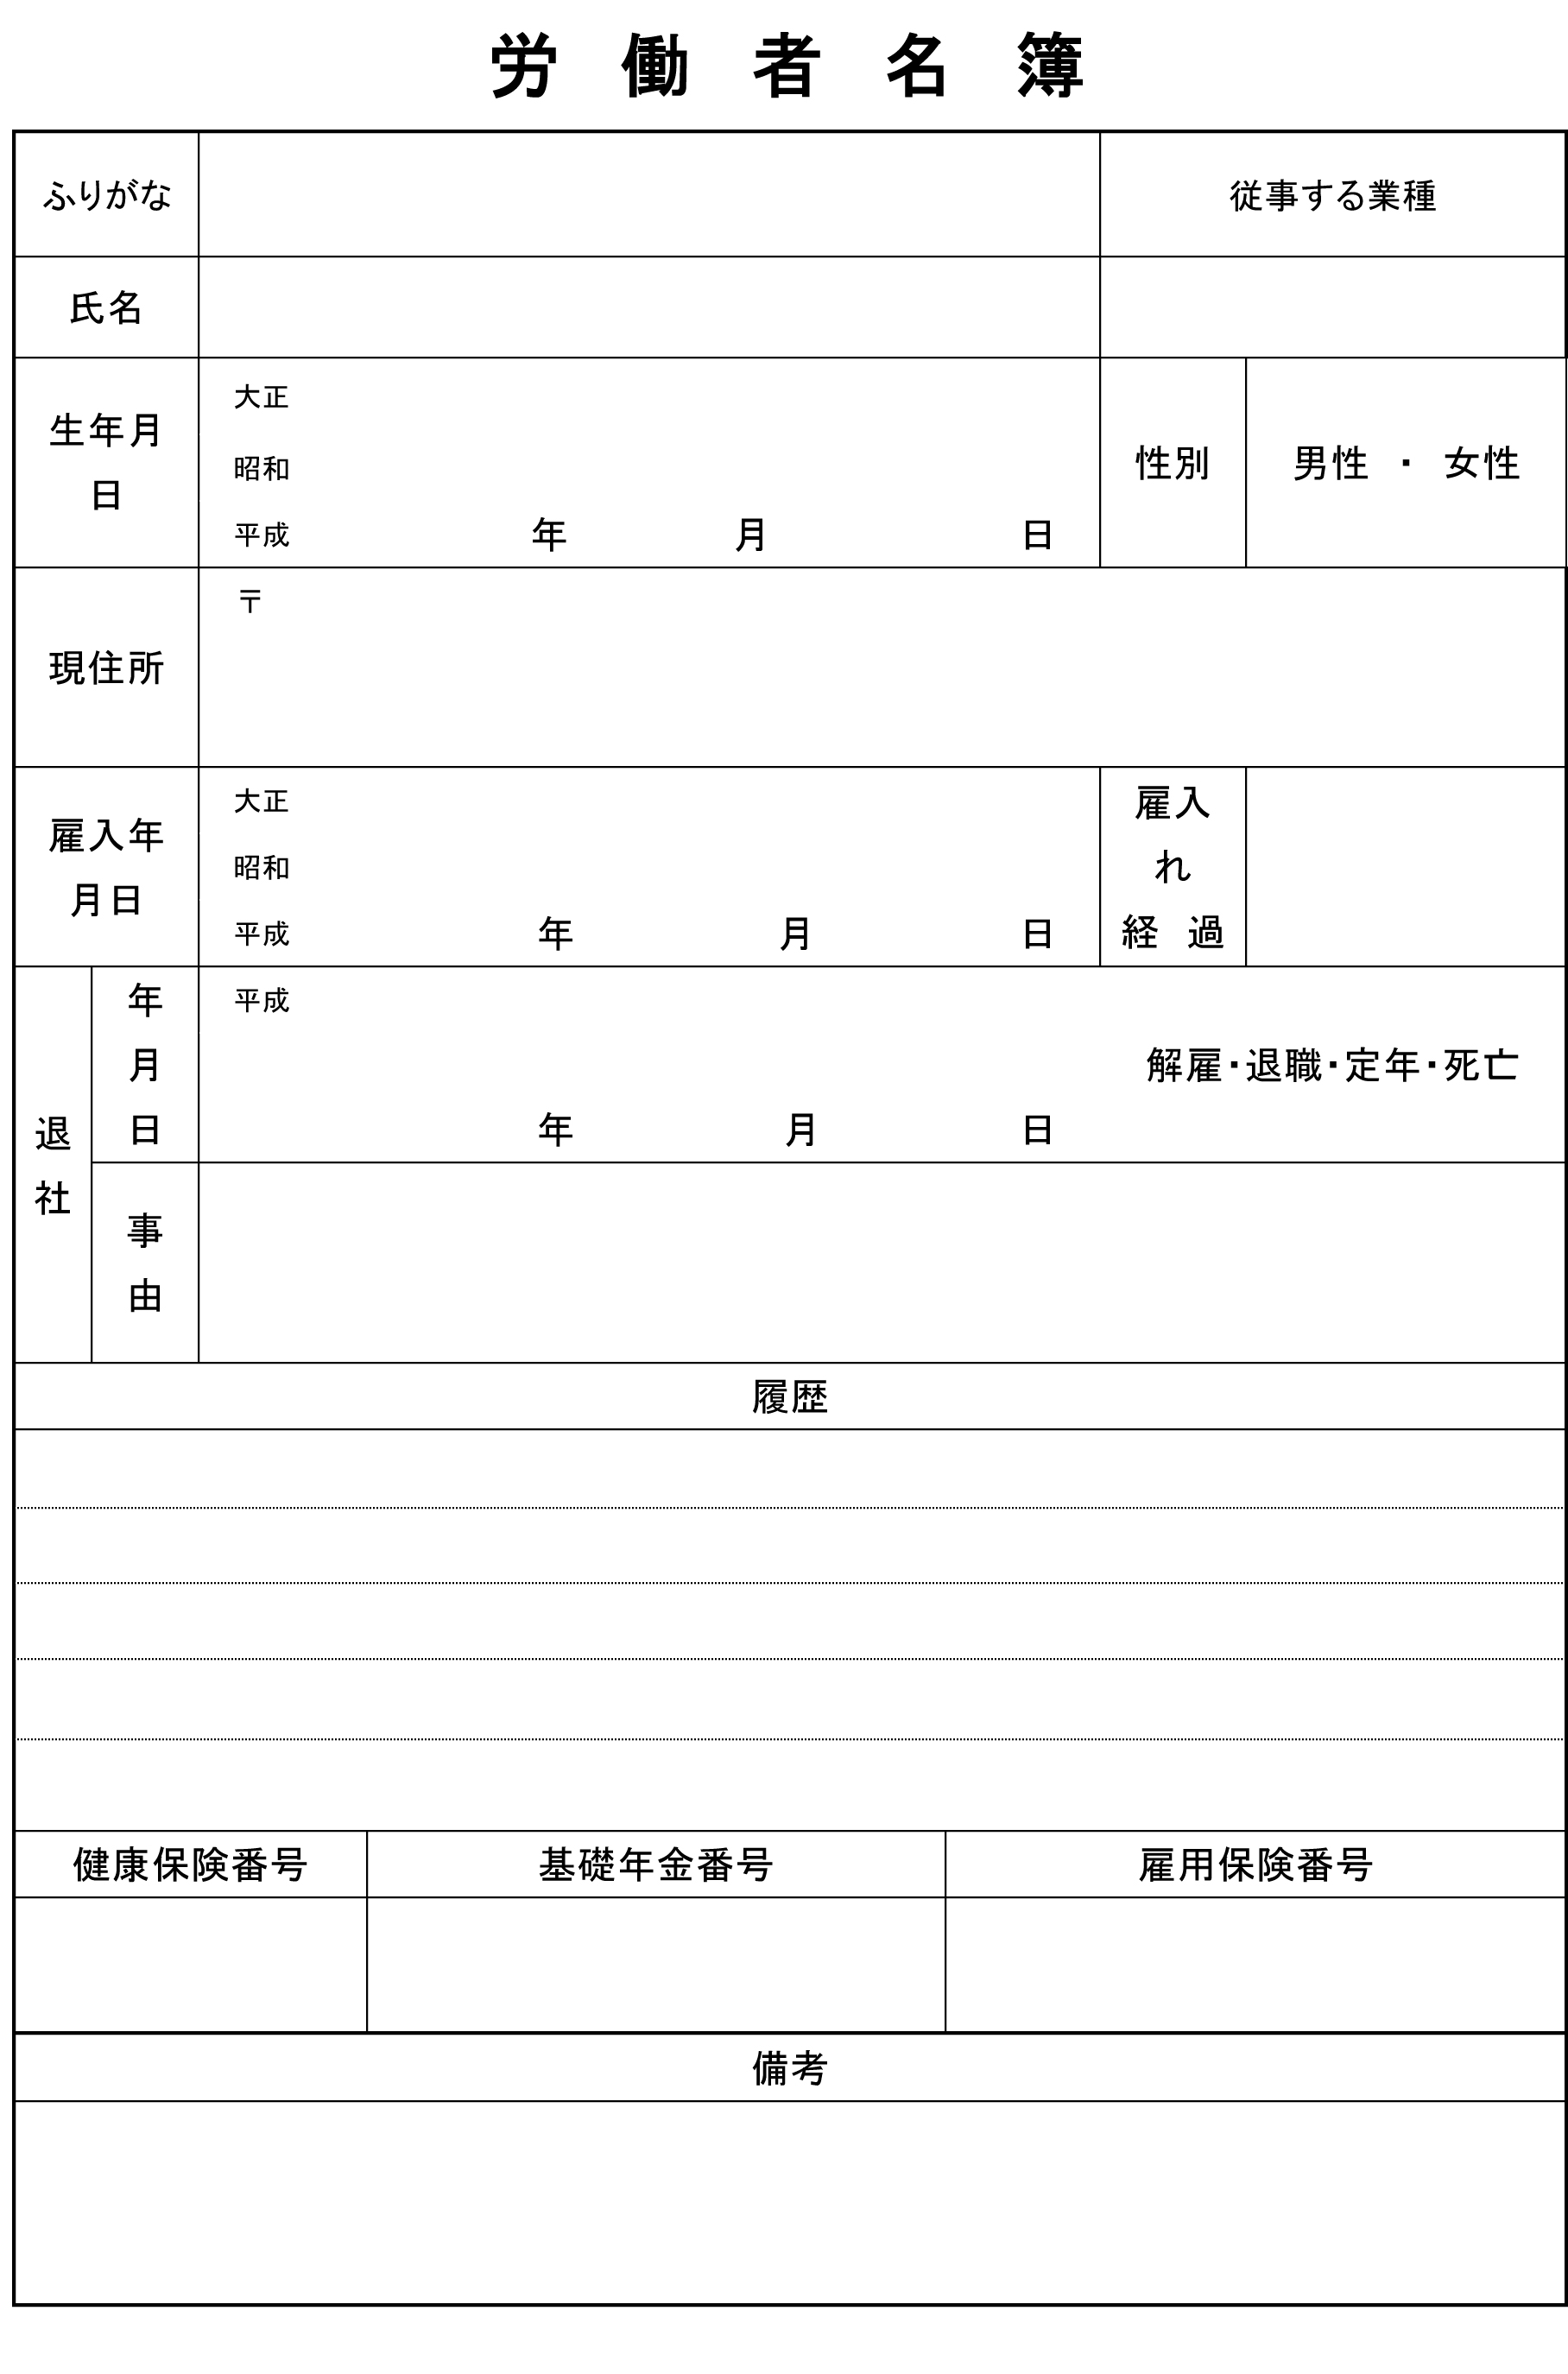 労働者名簿06労働者名簿06